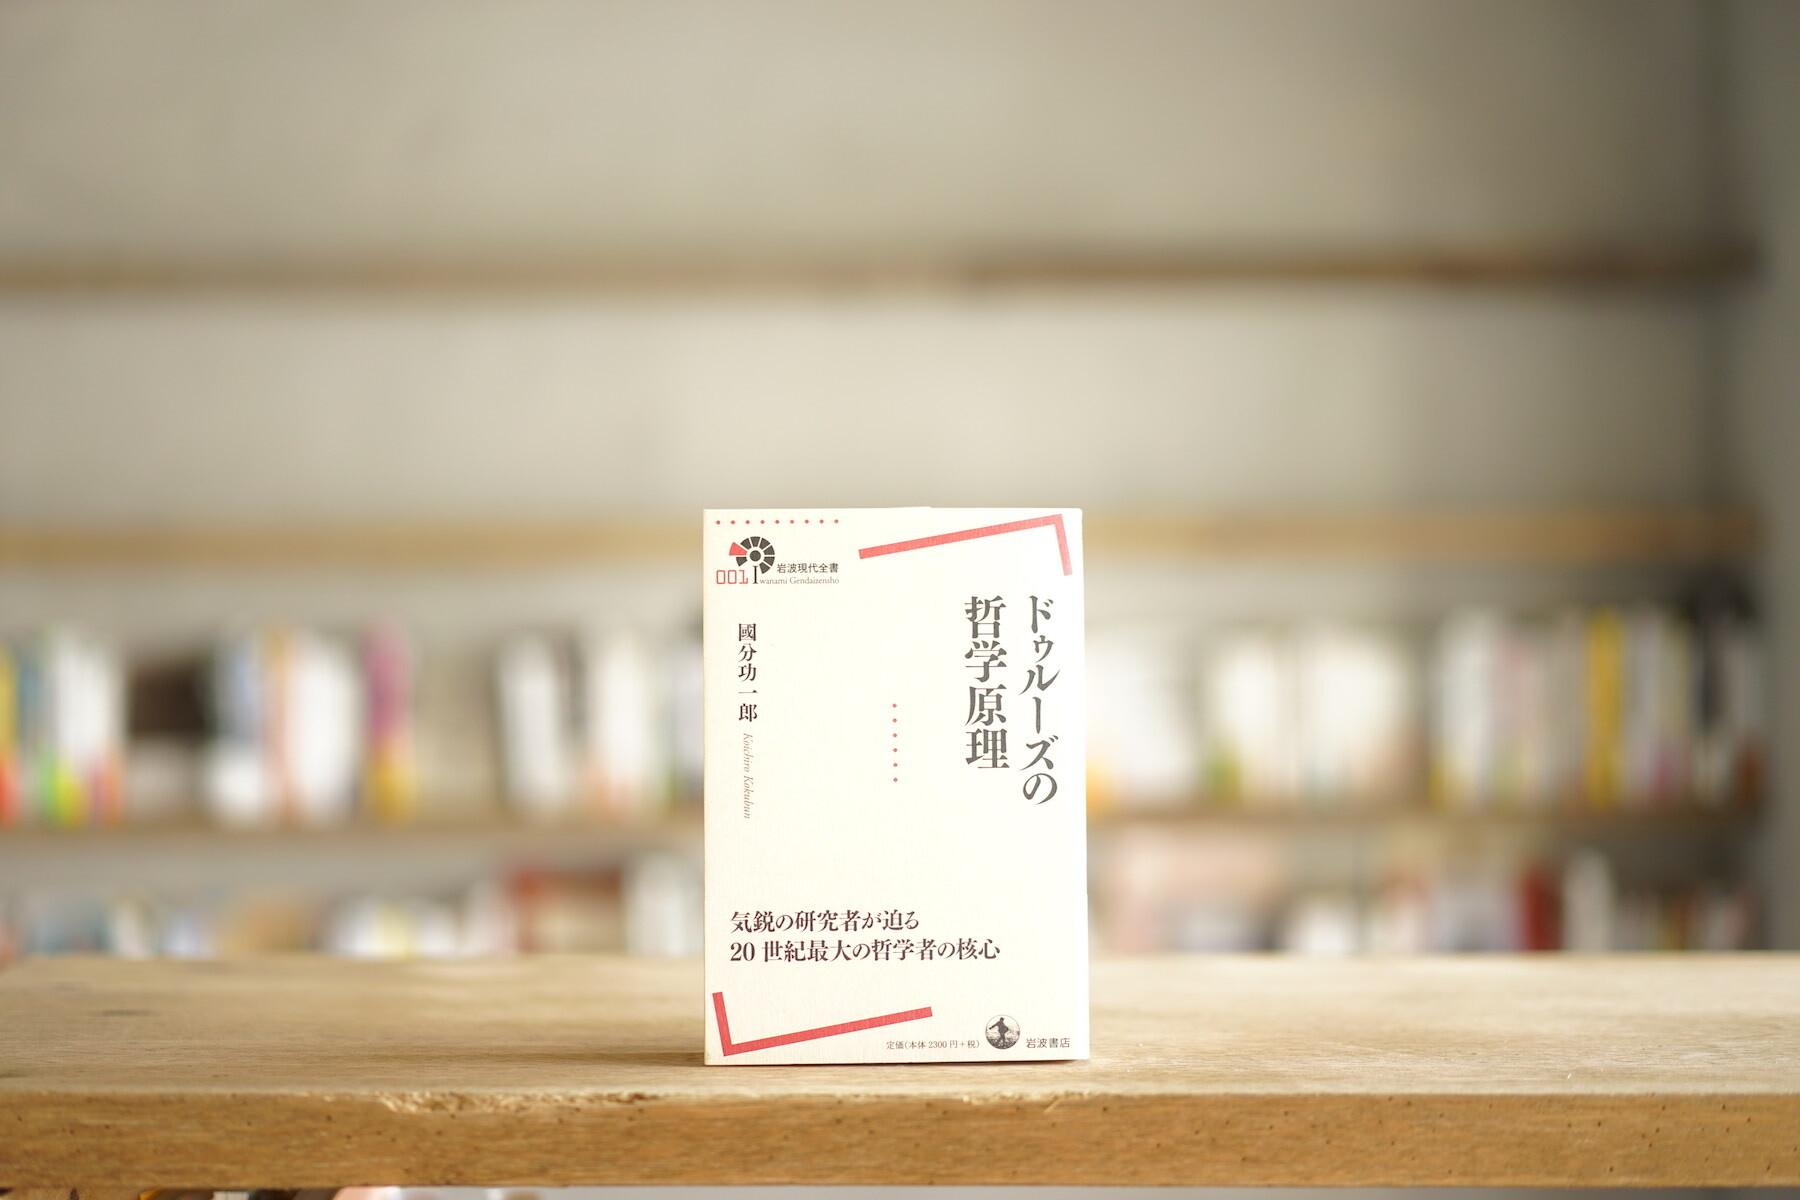 國分功一郎 『ドゥルーズの哲学原理』 (岩波書店、2013)